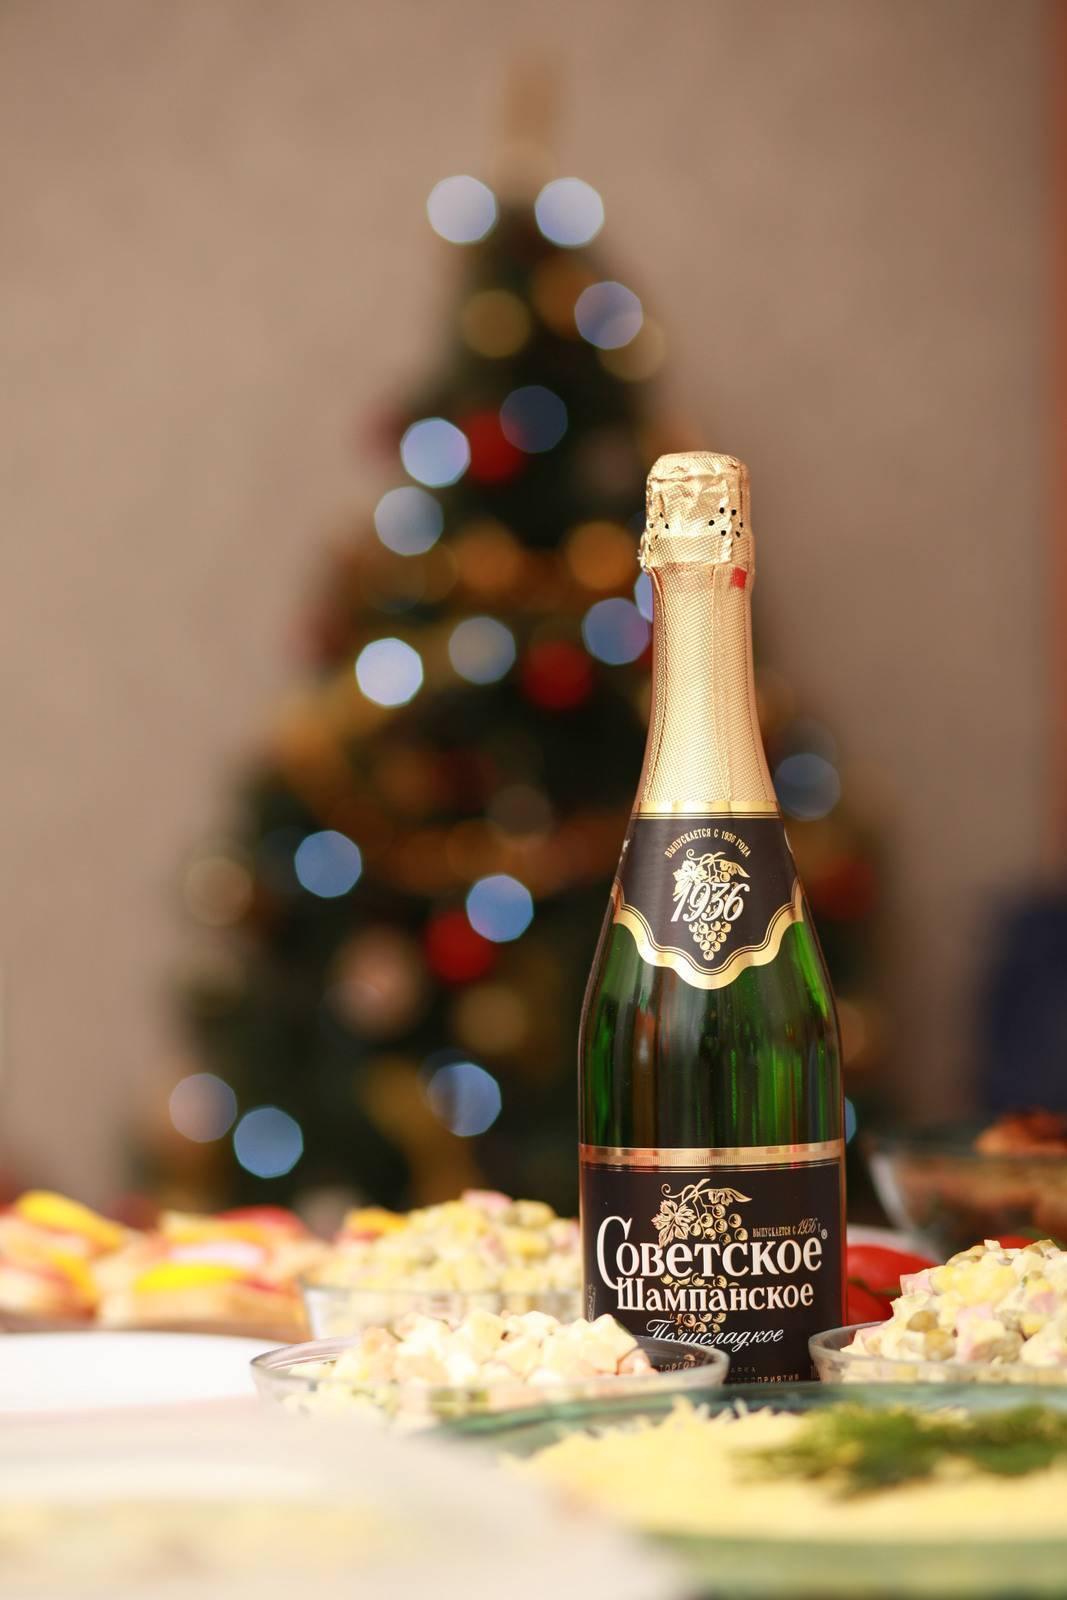 Советское шампанское: состав, виды, полезные свойства и вред